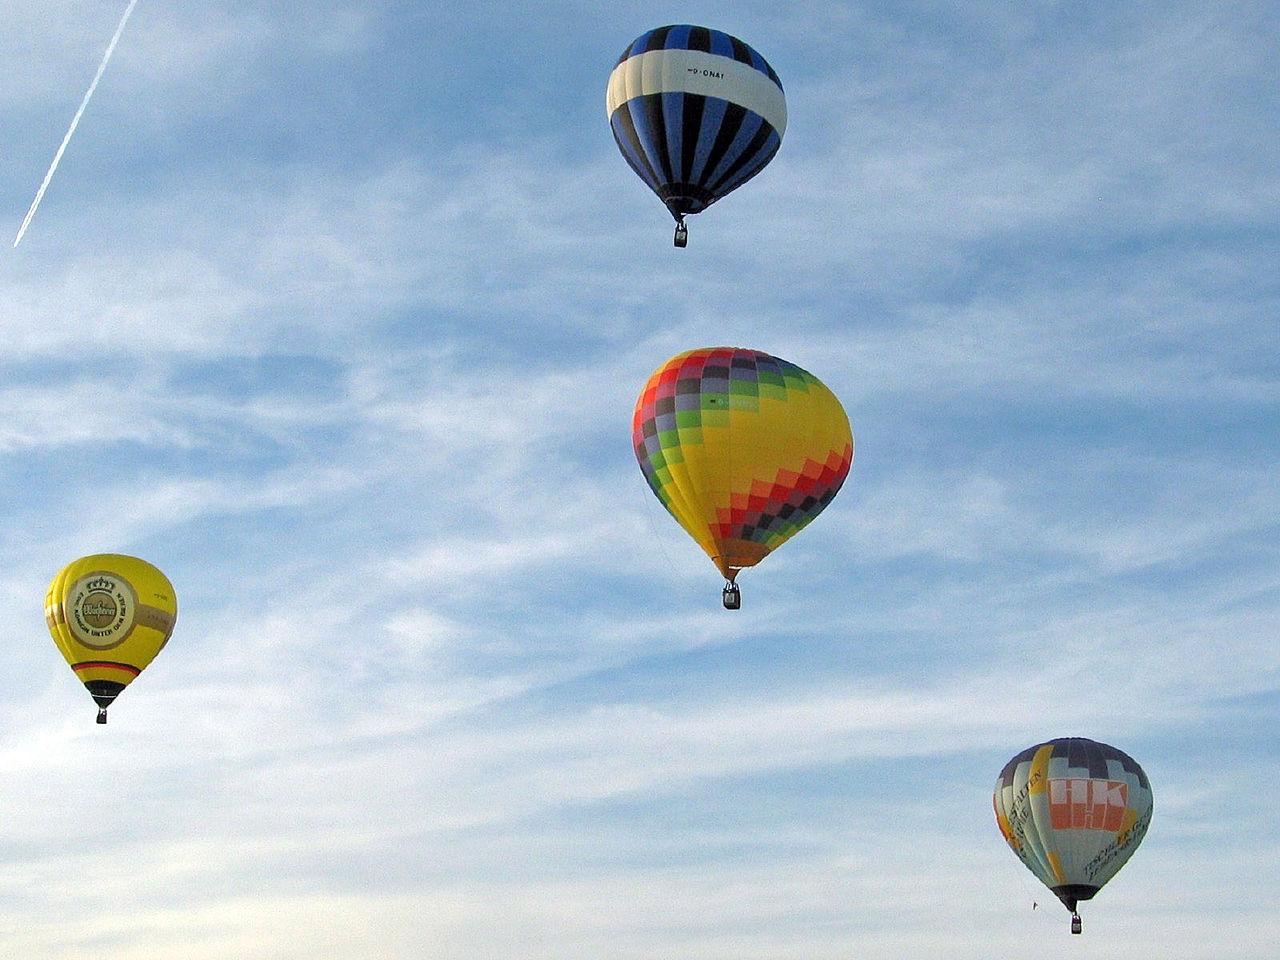 Bild Ballonfahrt über den Alpen Truchtlaching